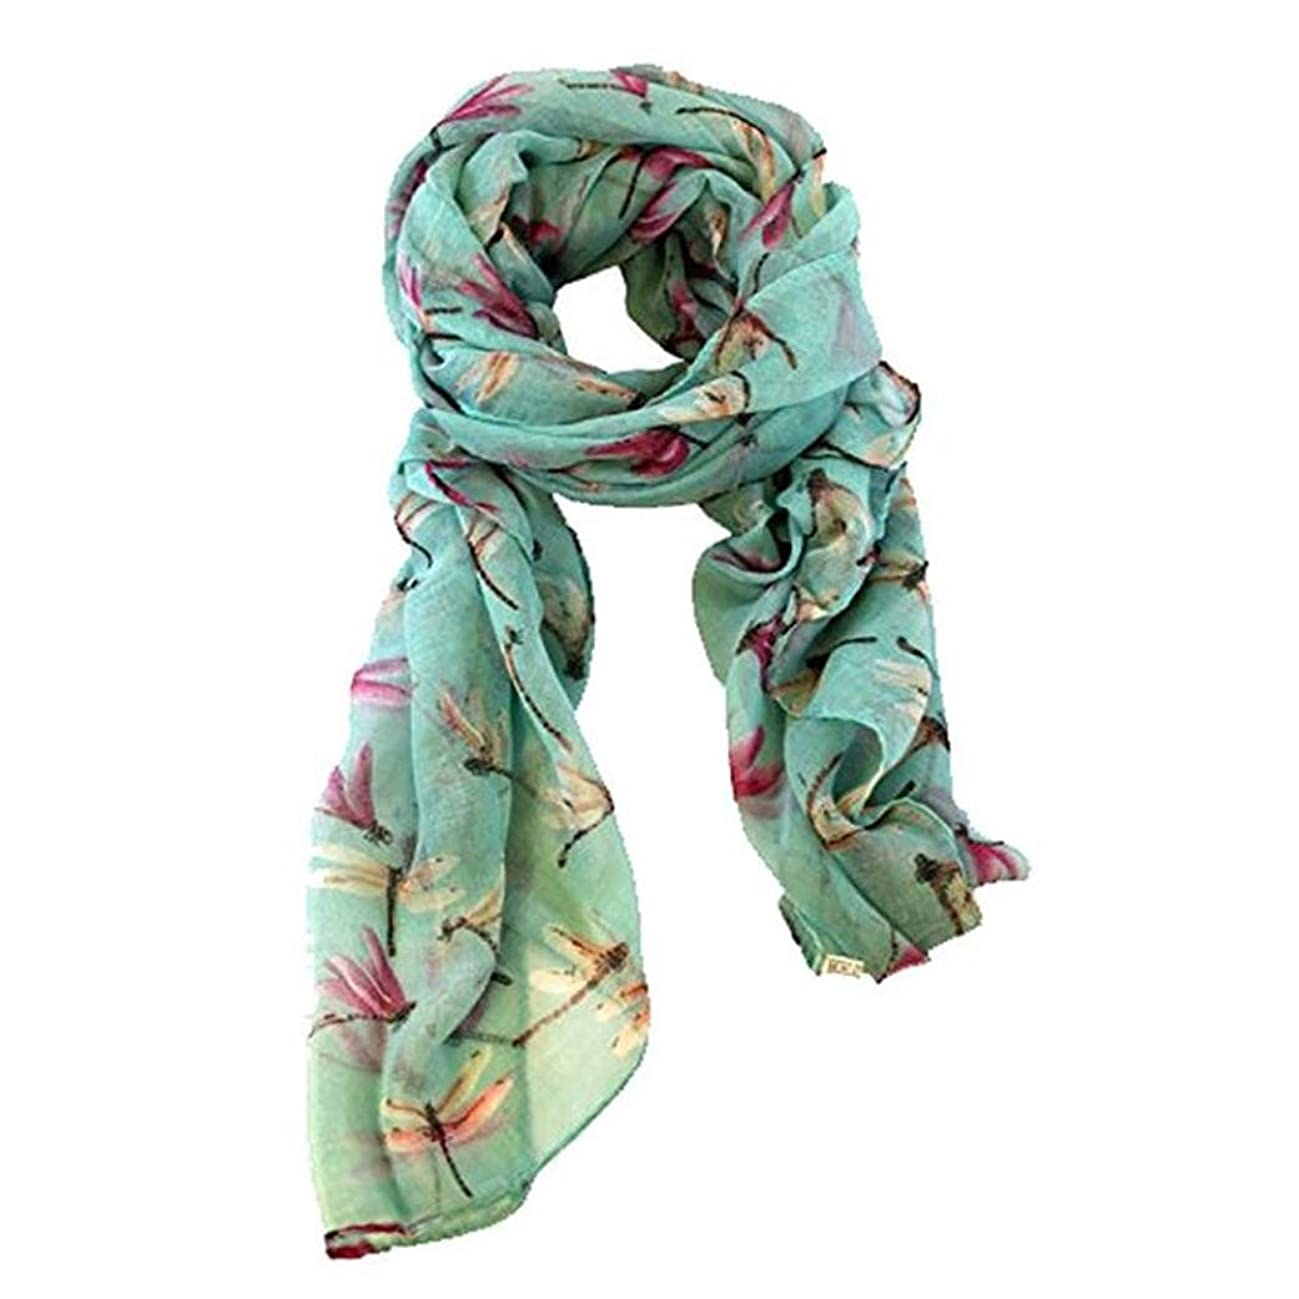 愛国的な毒柔らかいClearanceレディースキュートドラゴンフライ印刷スカーフラップショールソフトスカーフ 190*80cm/74.8*31.5